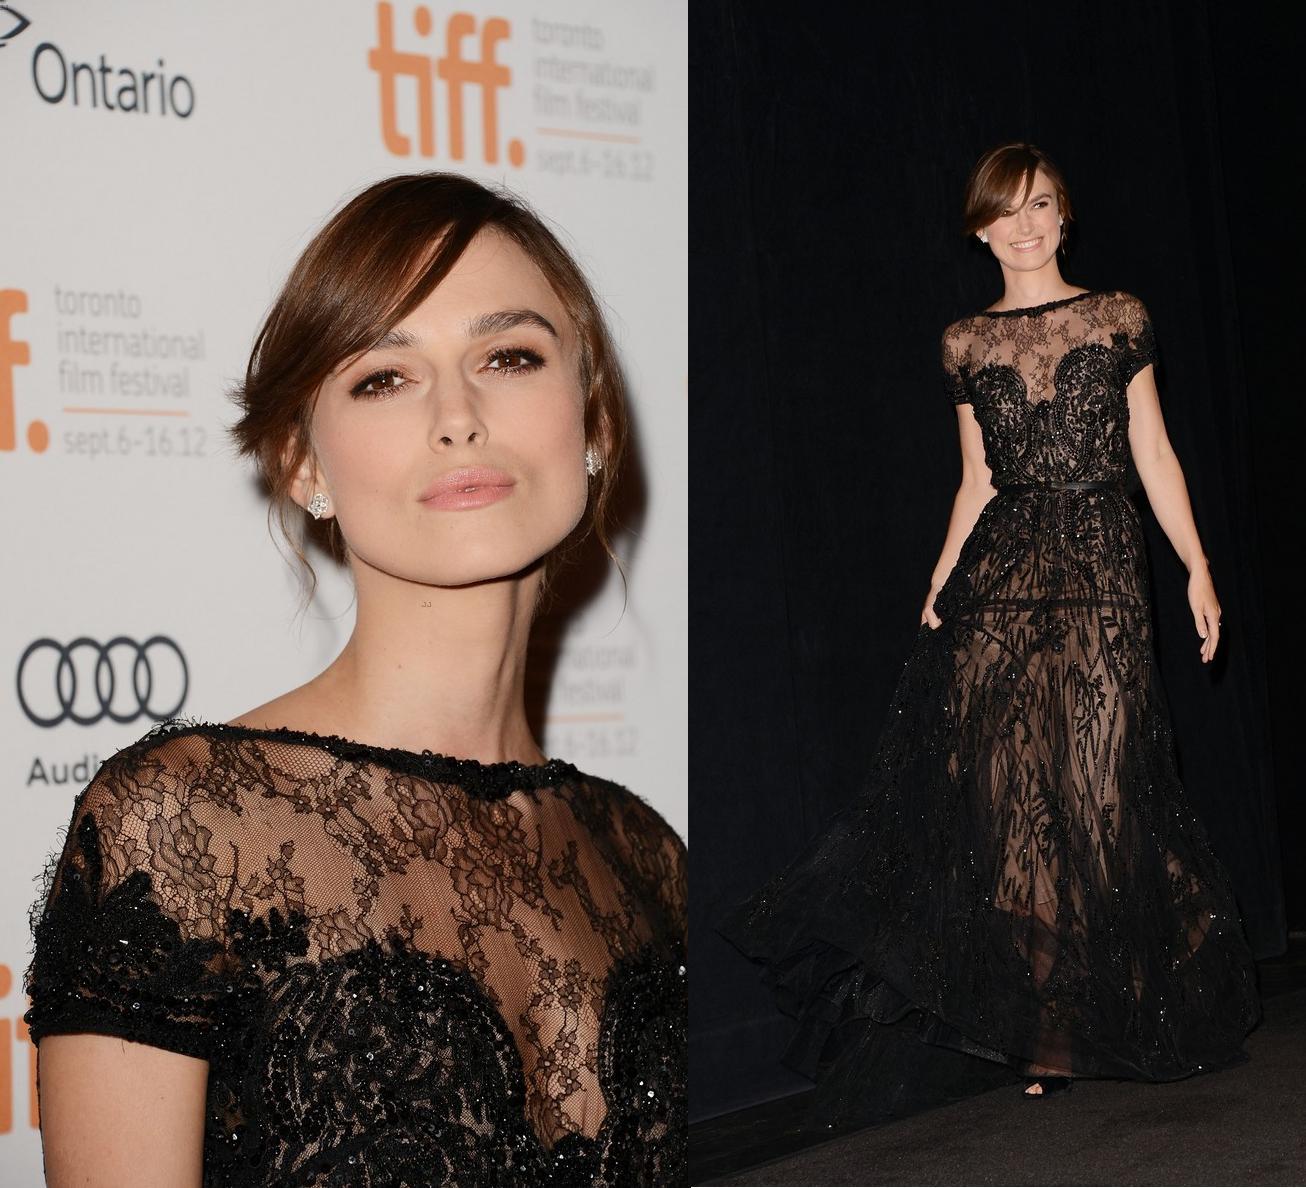 http://1.bp.blogspot.com/-4EWgBel8qTw/UE2jieUHG8I/AAAAAAAAOGs/BAdAHojzbbA/s1600/keira+knightley+anna+karenina+elie+saab+fall+2012+couture+toronto.jpg